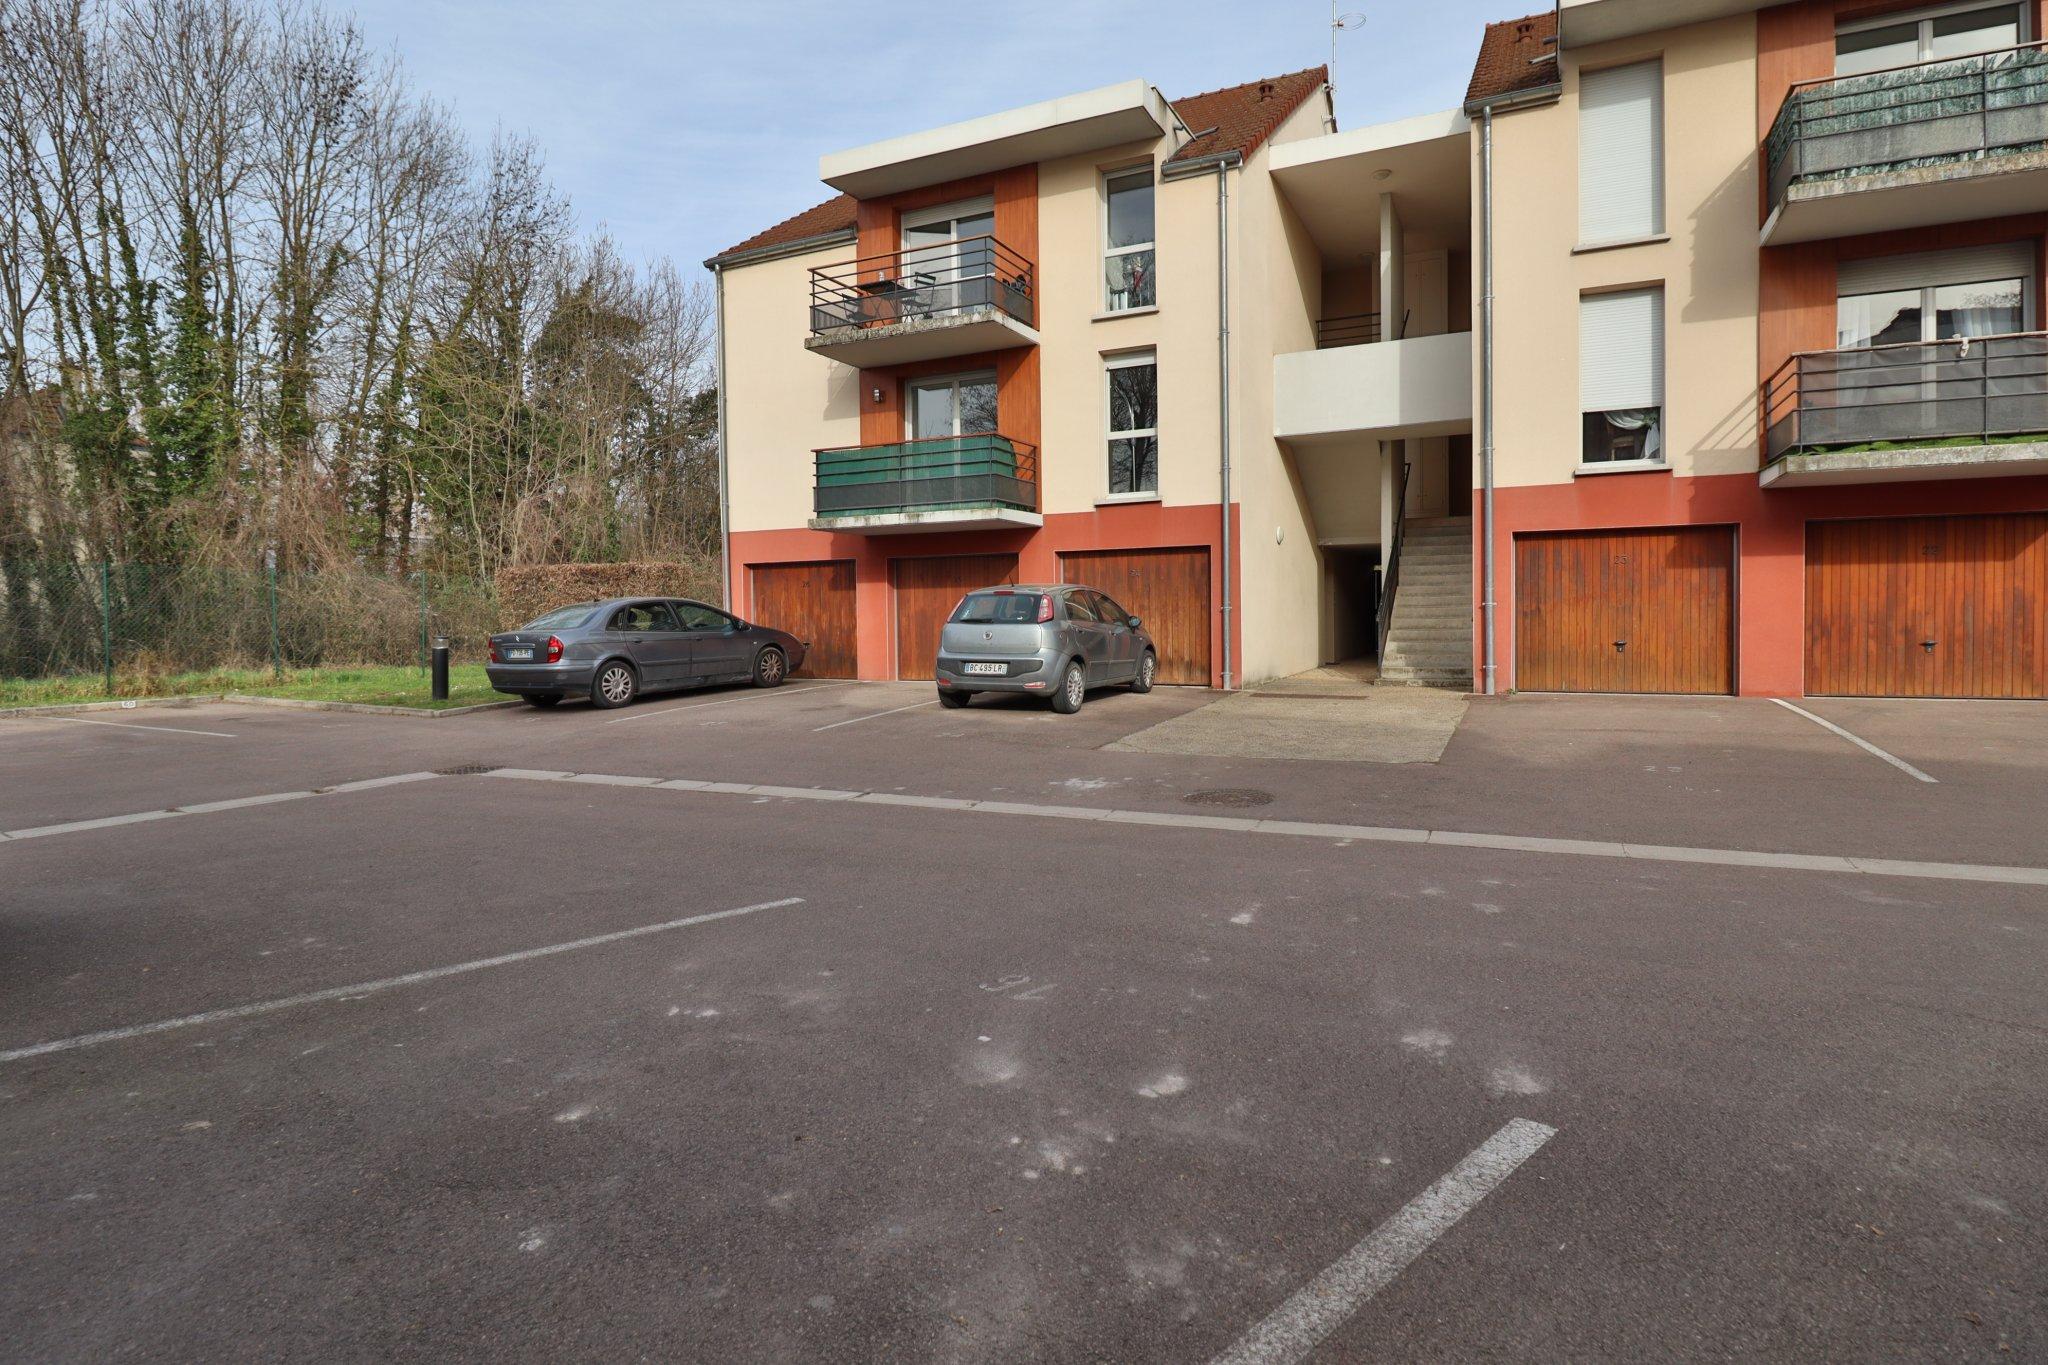 Damonte Achat appartement - Réf n° 1_19121